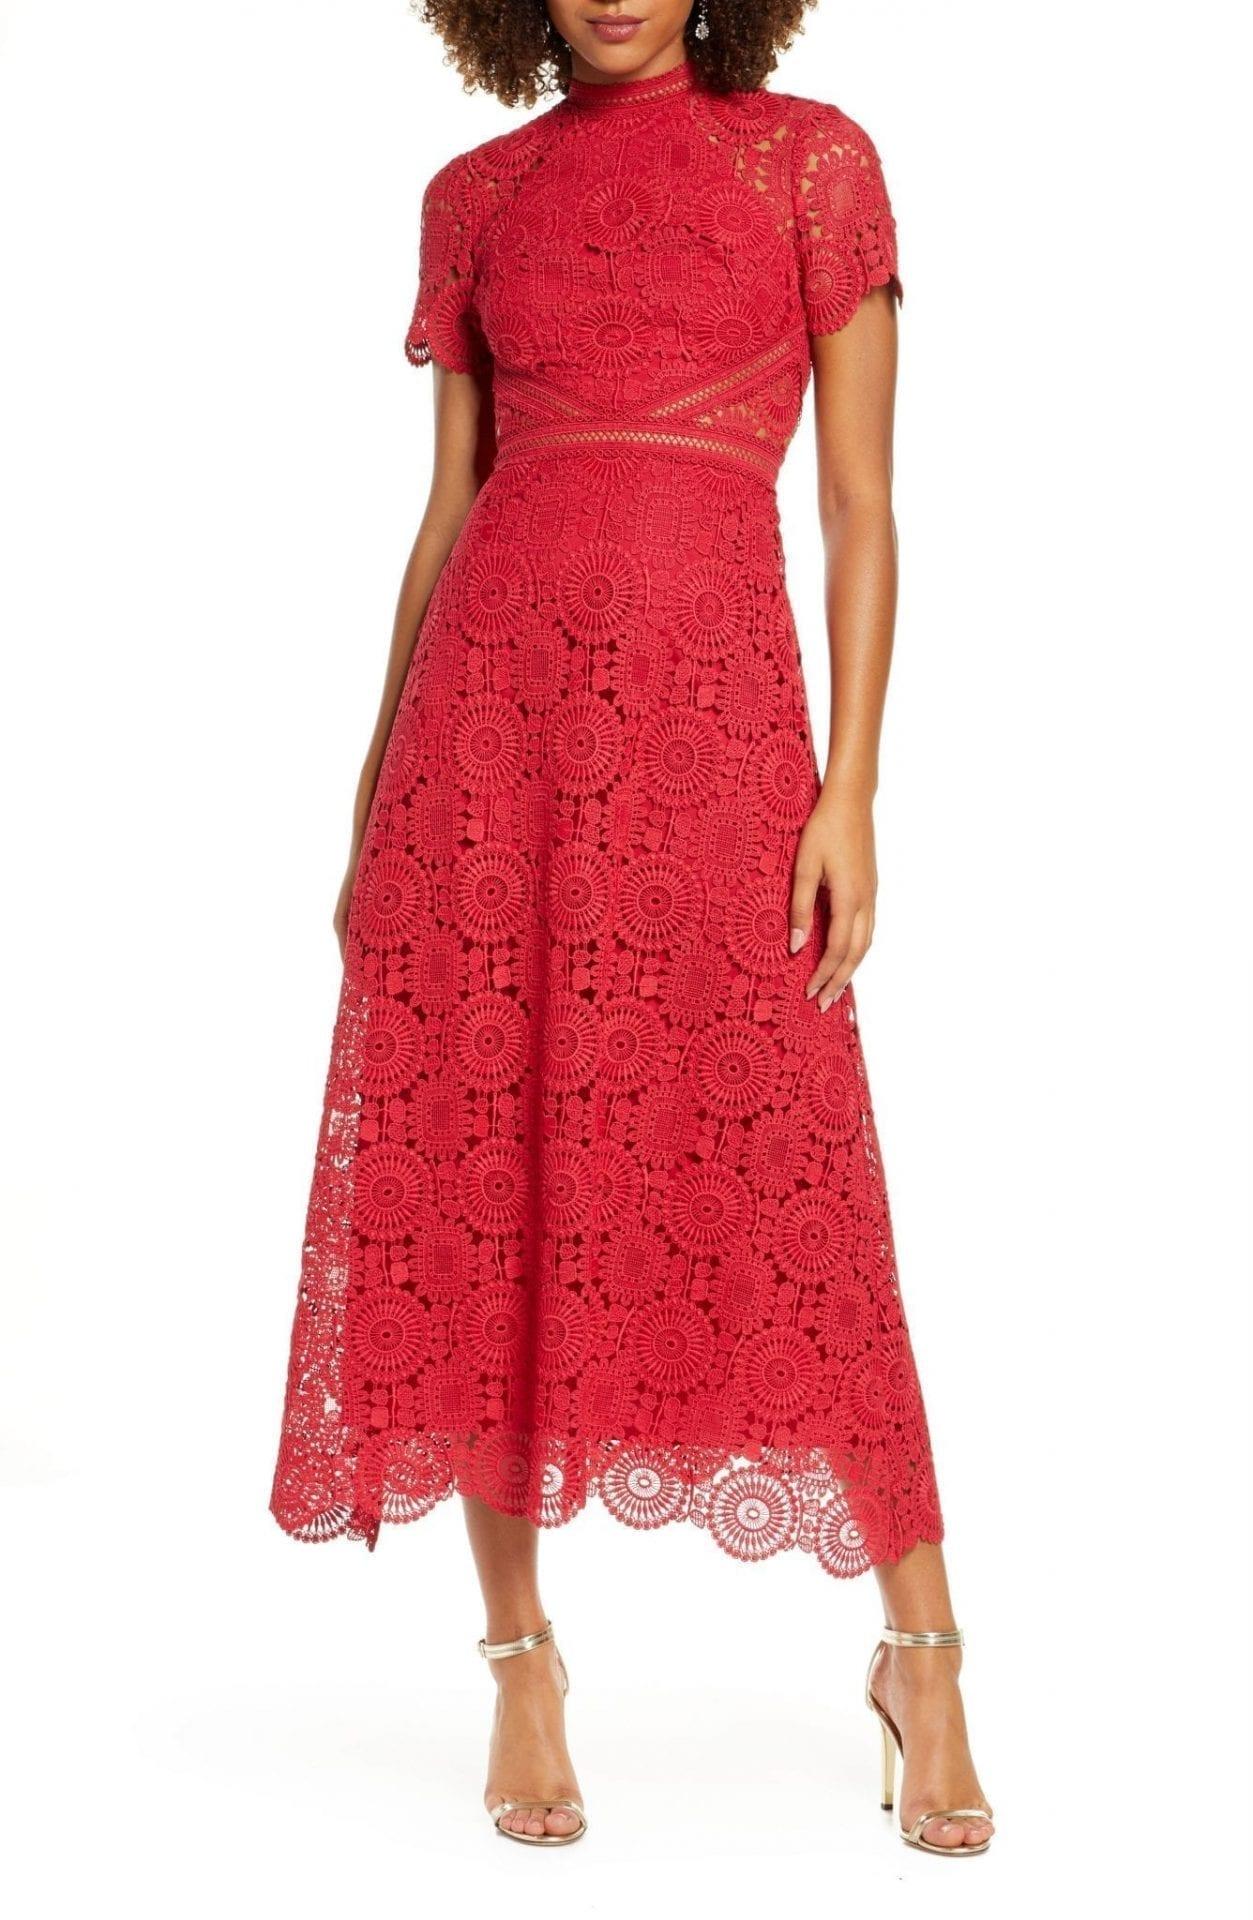 ML MONIQUE LHUILLIER Lace Midi Cocktail Dress